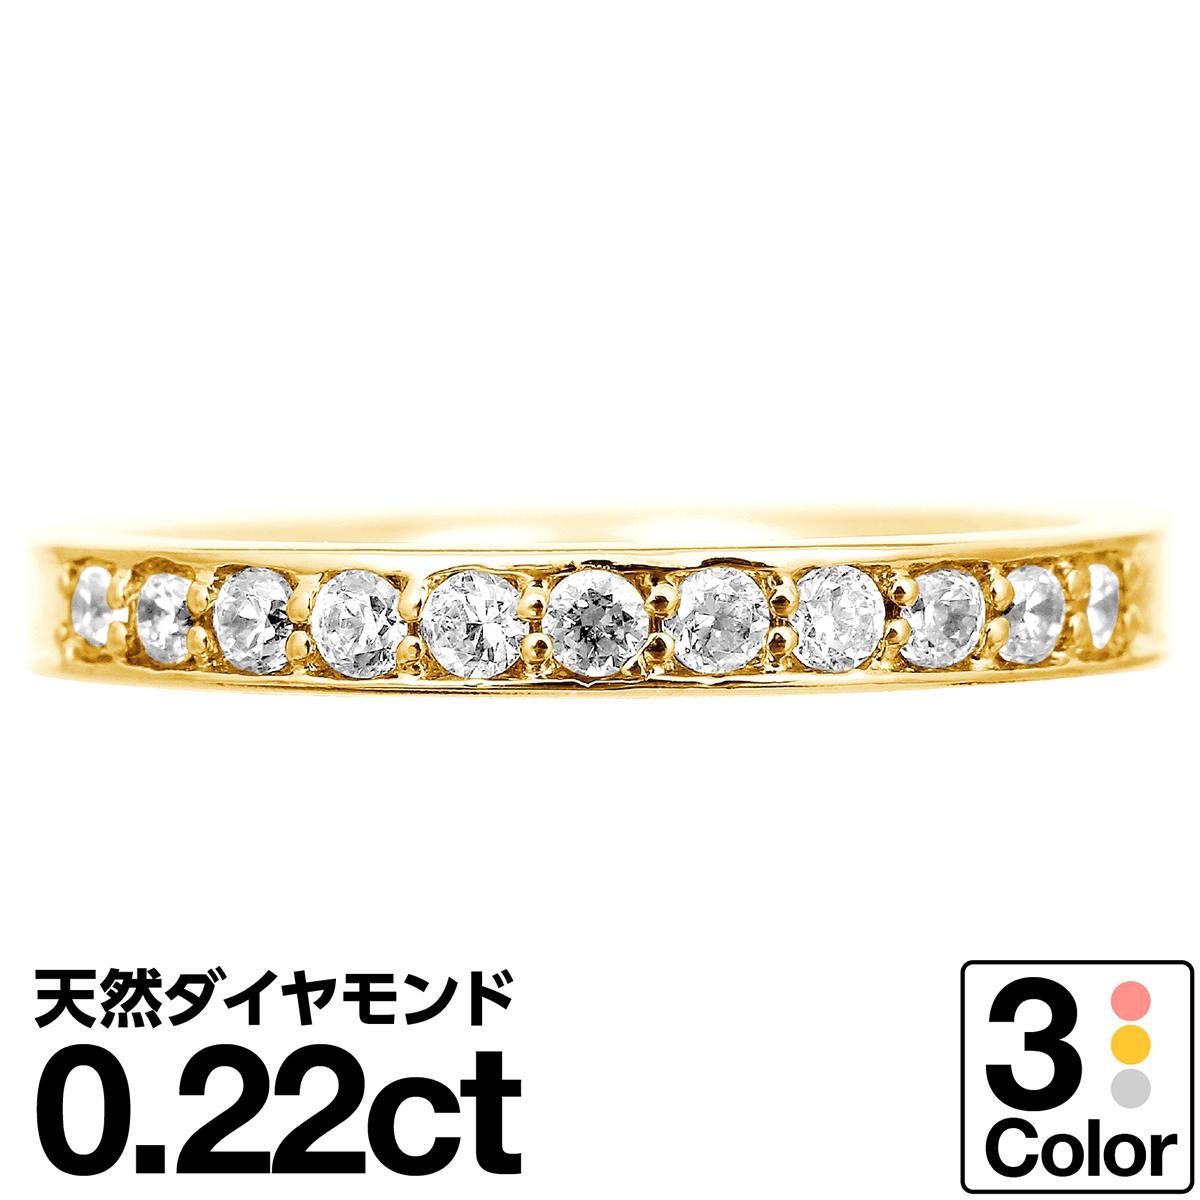 エタニティ リング ダイヤモンド k18 イエローゴールド/ホワイトゴールド/ピンクゴールド ファッションリング 品質保証書 金属アレルギー 日本製 誕生日 ギフト